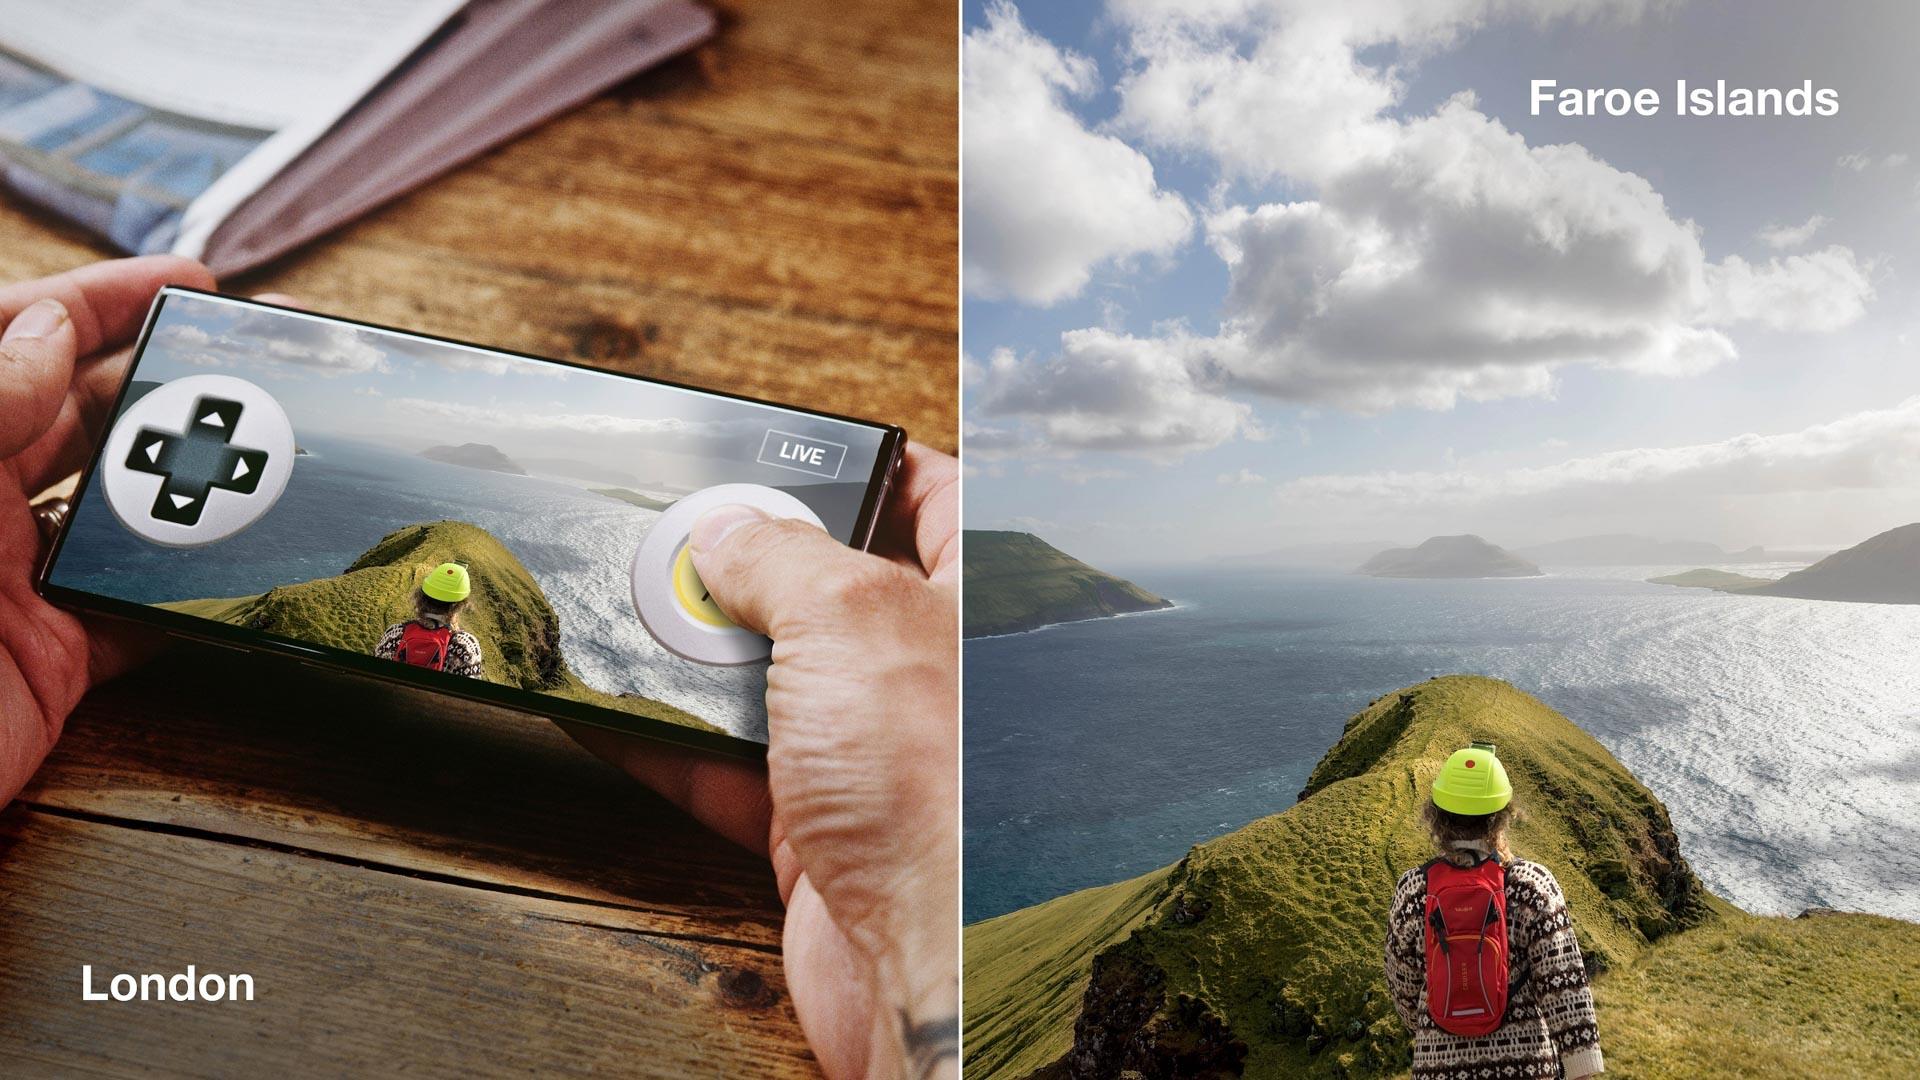 L'application sert à guider l'habitant parmi les paysages grandioses des îles.